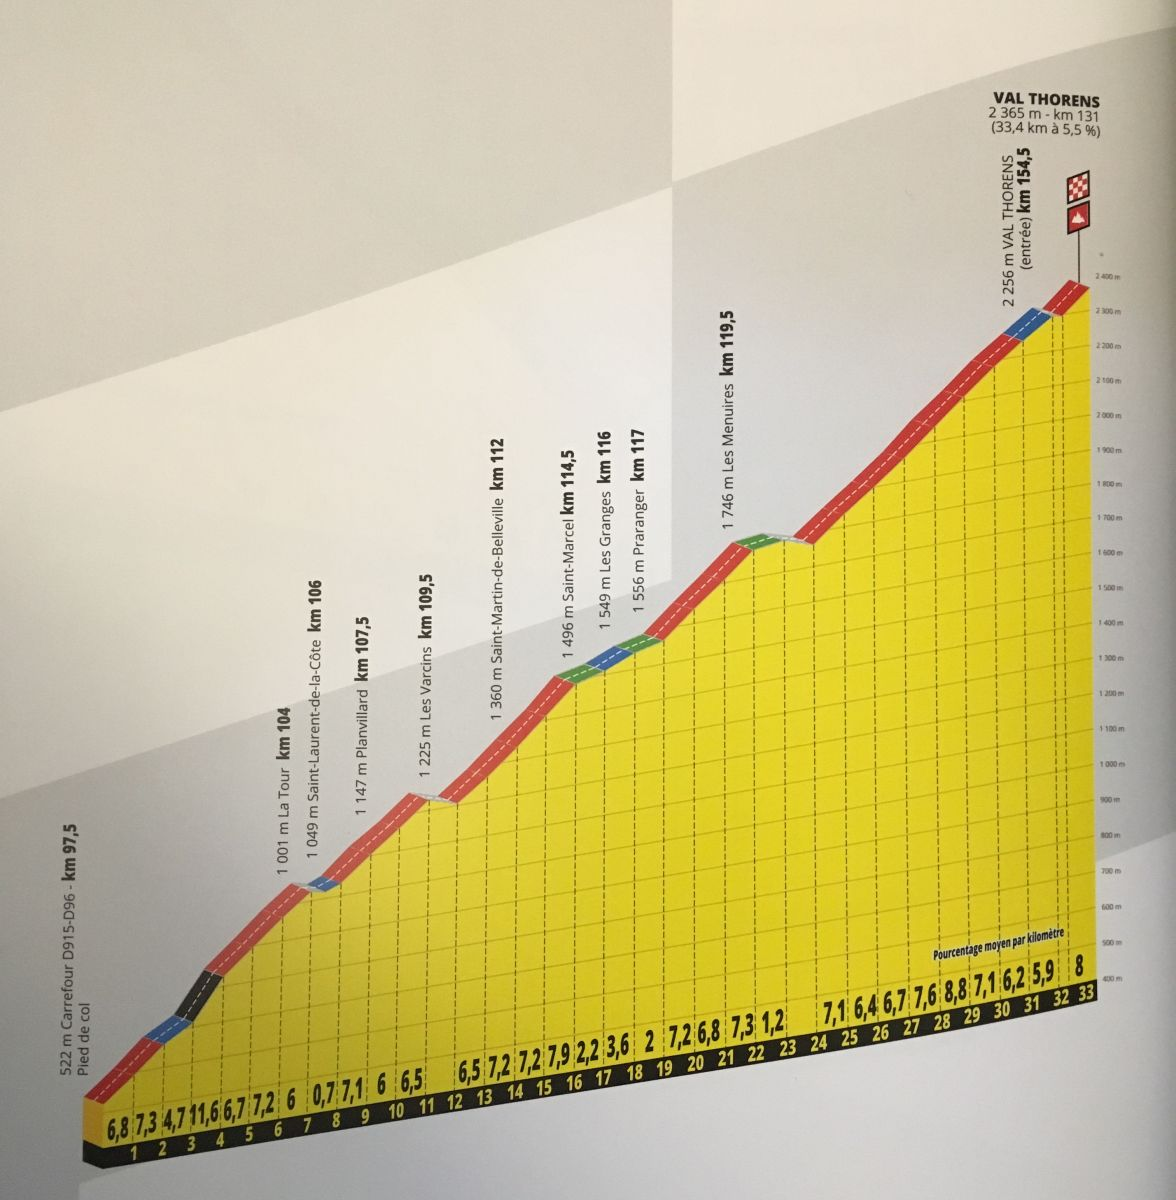 Profil de la montée de Val Thorens